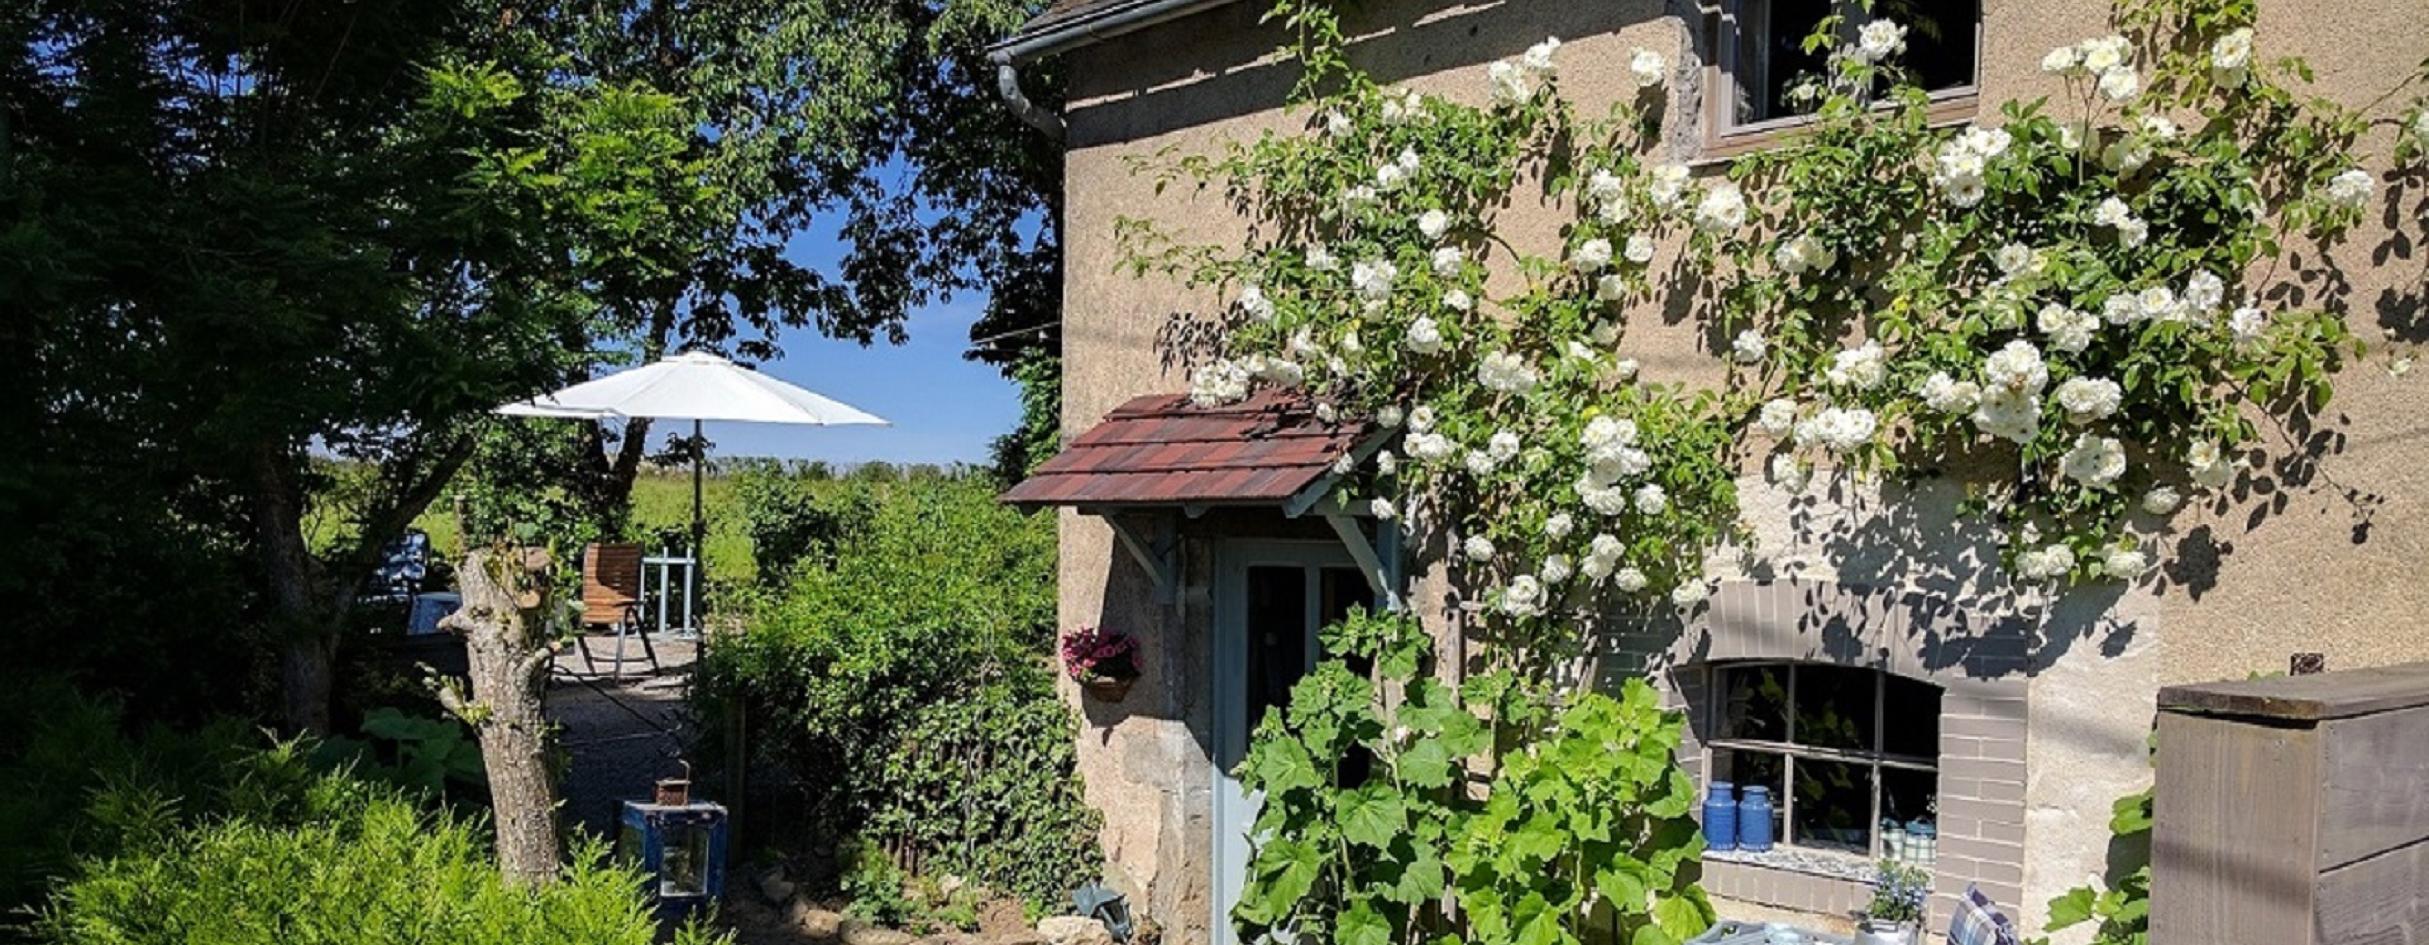 Vakantiehuis Bourgogne L'Ancienne Etable